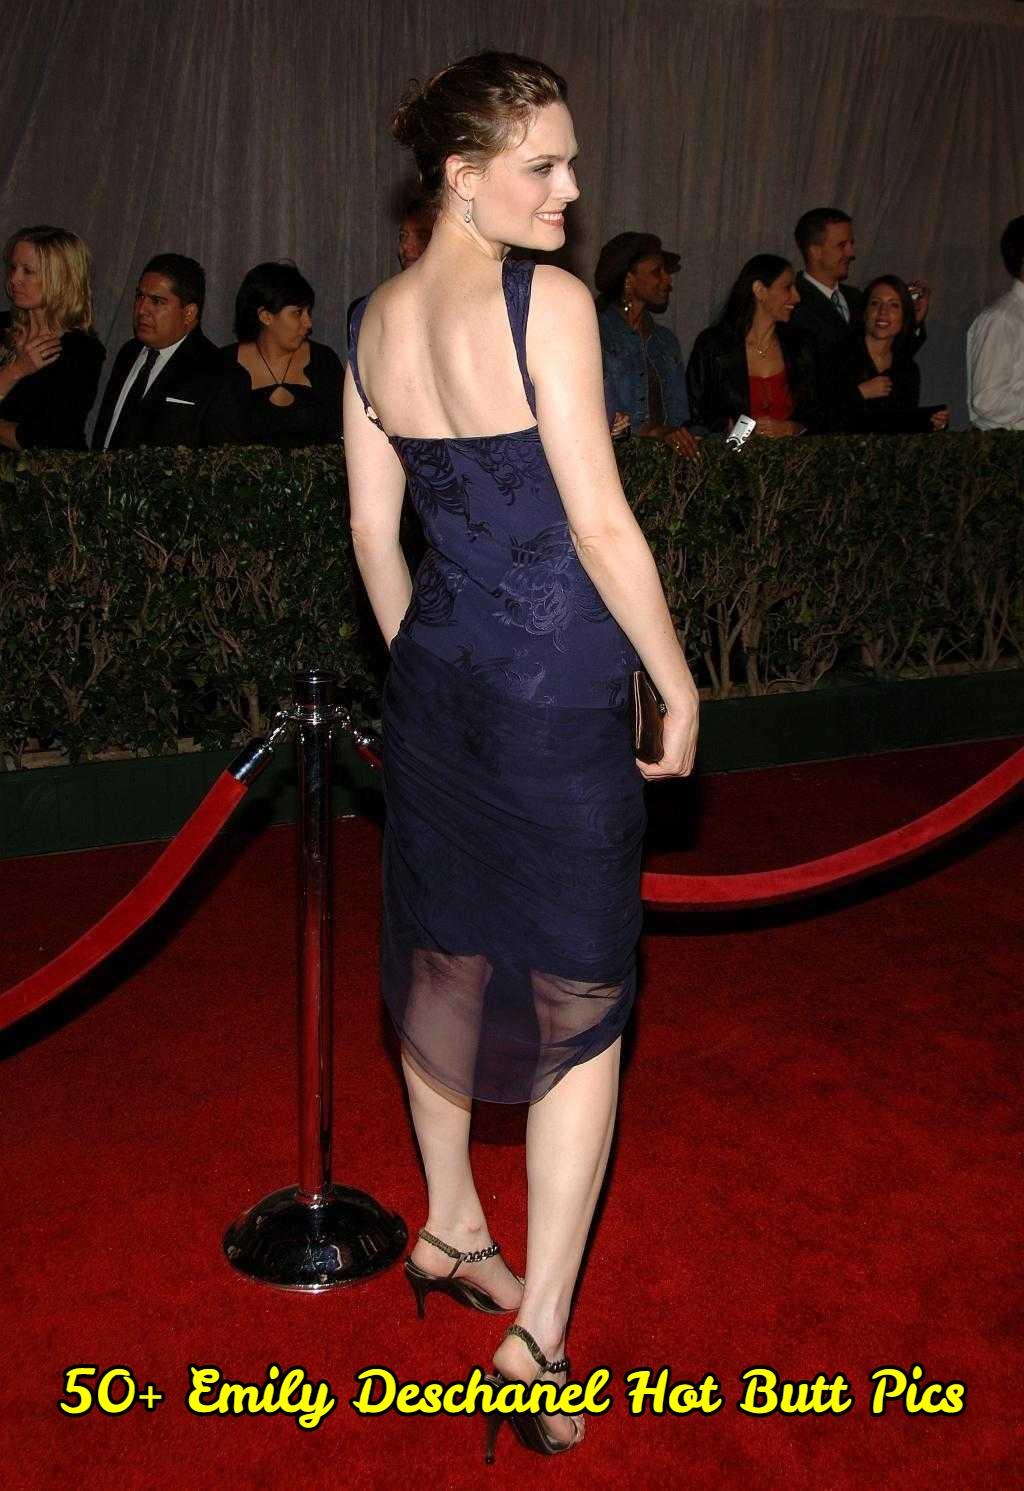 Emily Deschanel Hot Butt Pics